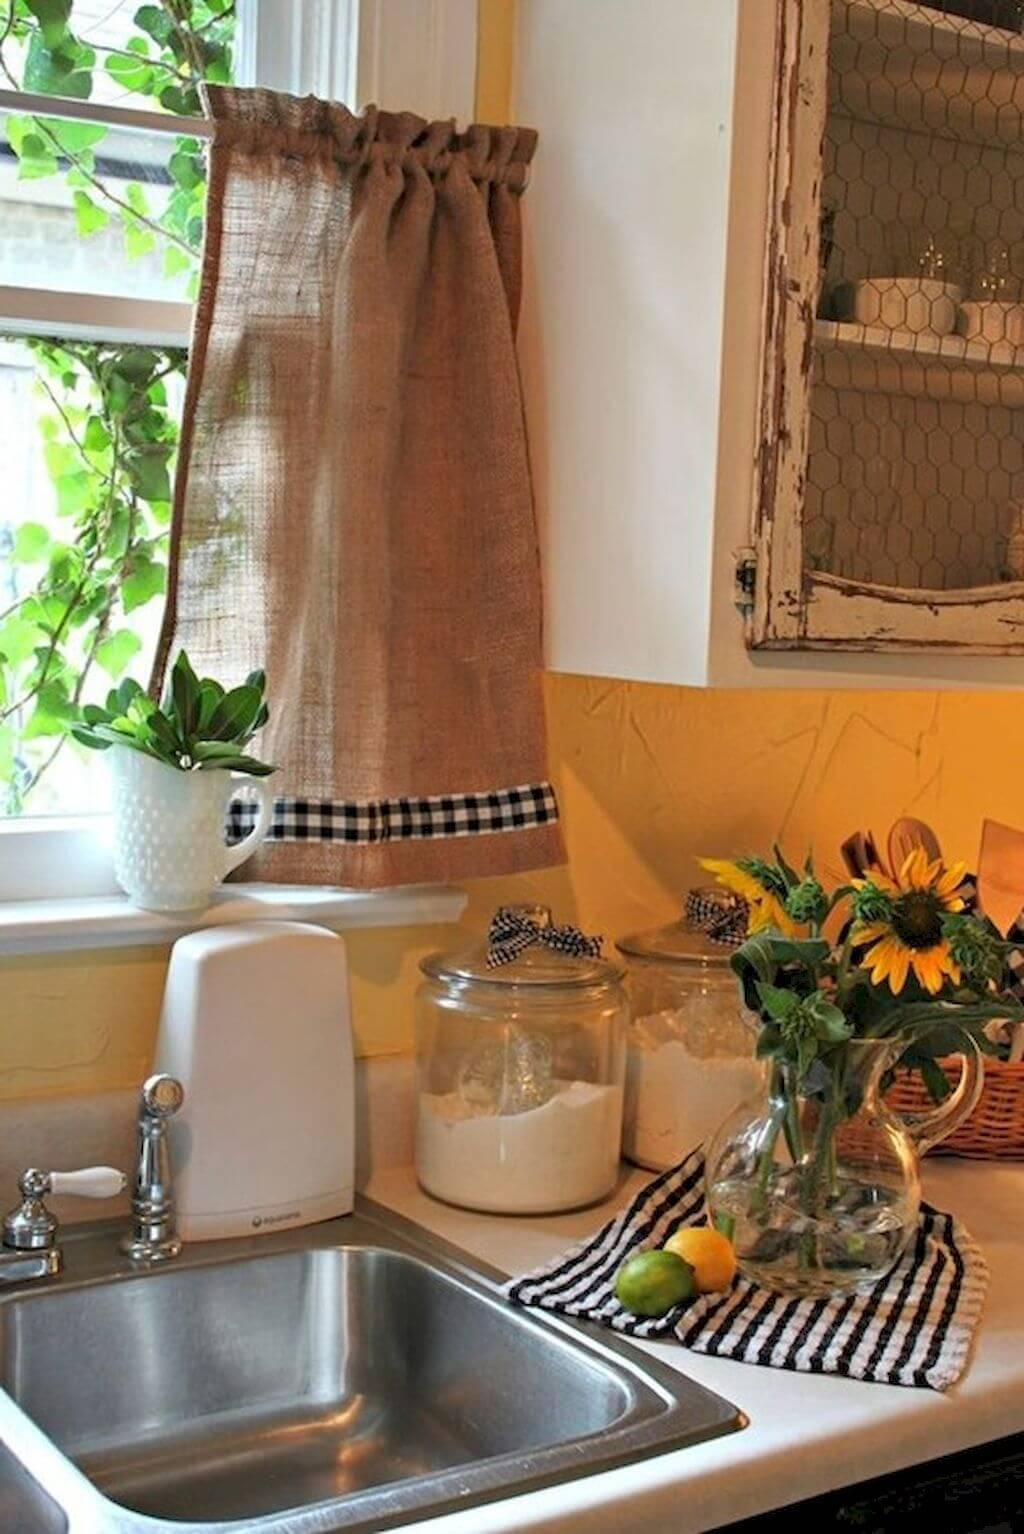 26 Best Farmhouse Window Treatment Ideas and Designs for 2020 on Farmhouse Dining Room Curtain Ideas  id=28125